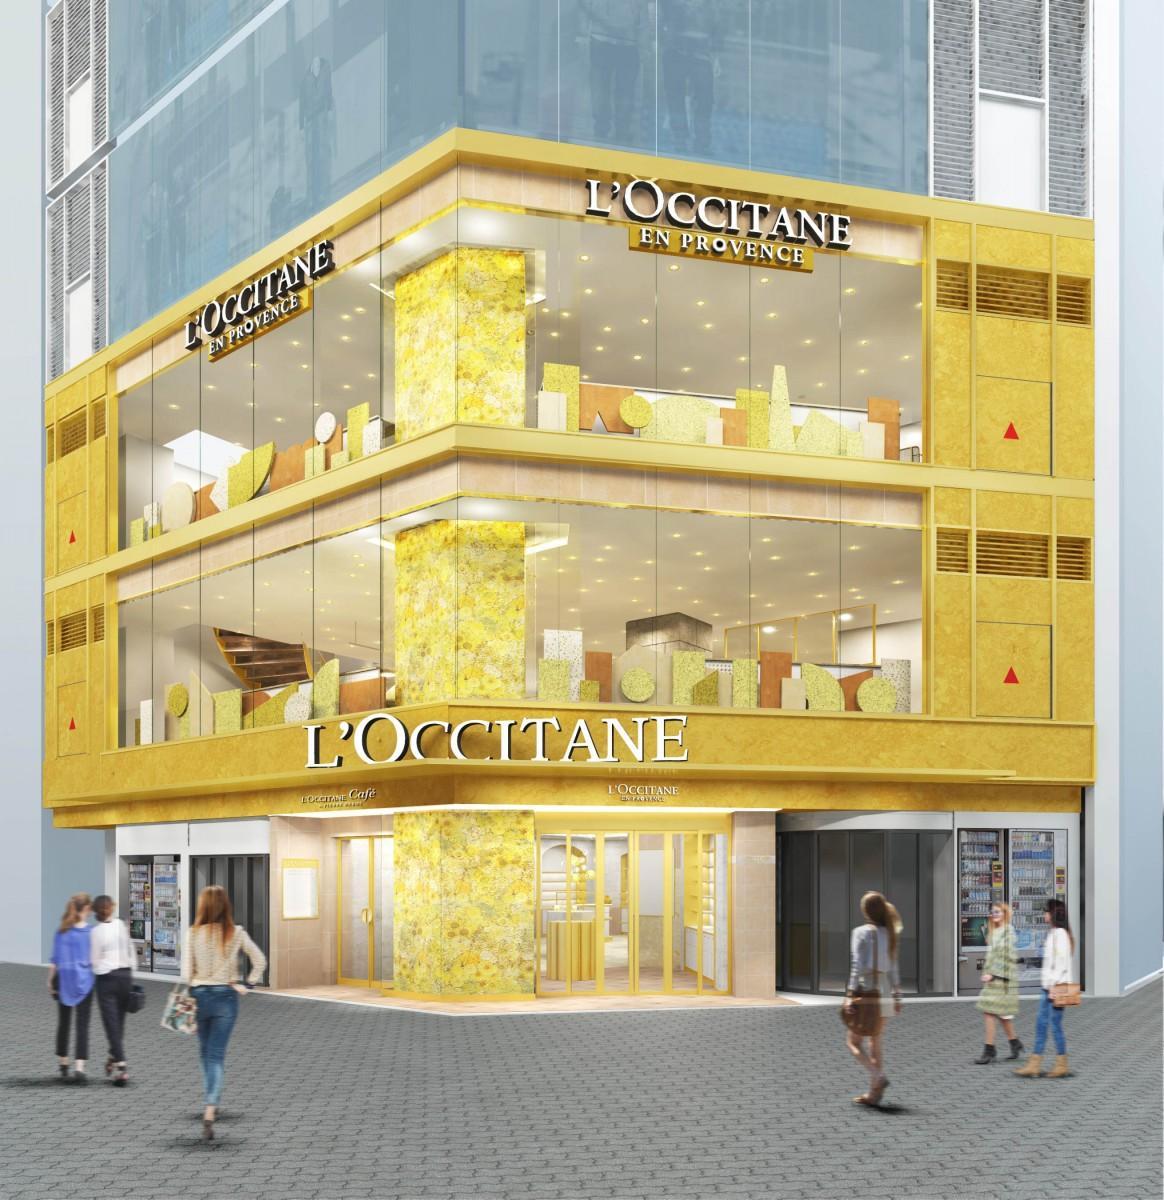 黄金色の花「イモーテル」のモチーフをあしらい、「プロヴァンスから届いた大きなブーケのような」店舗デザインを採用